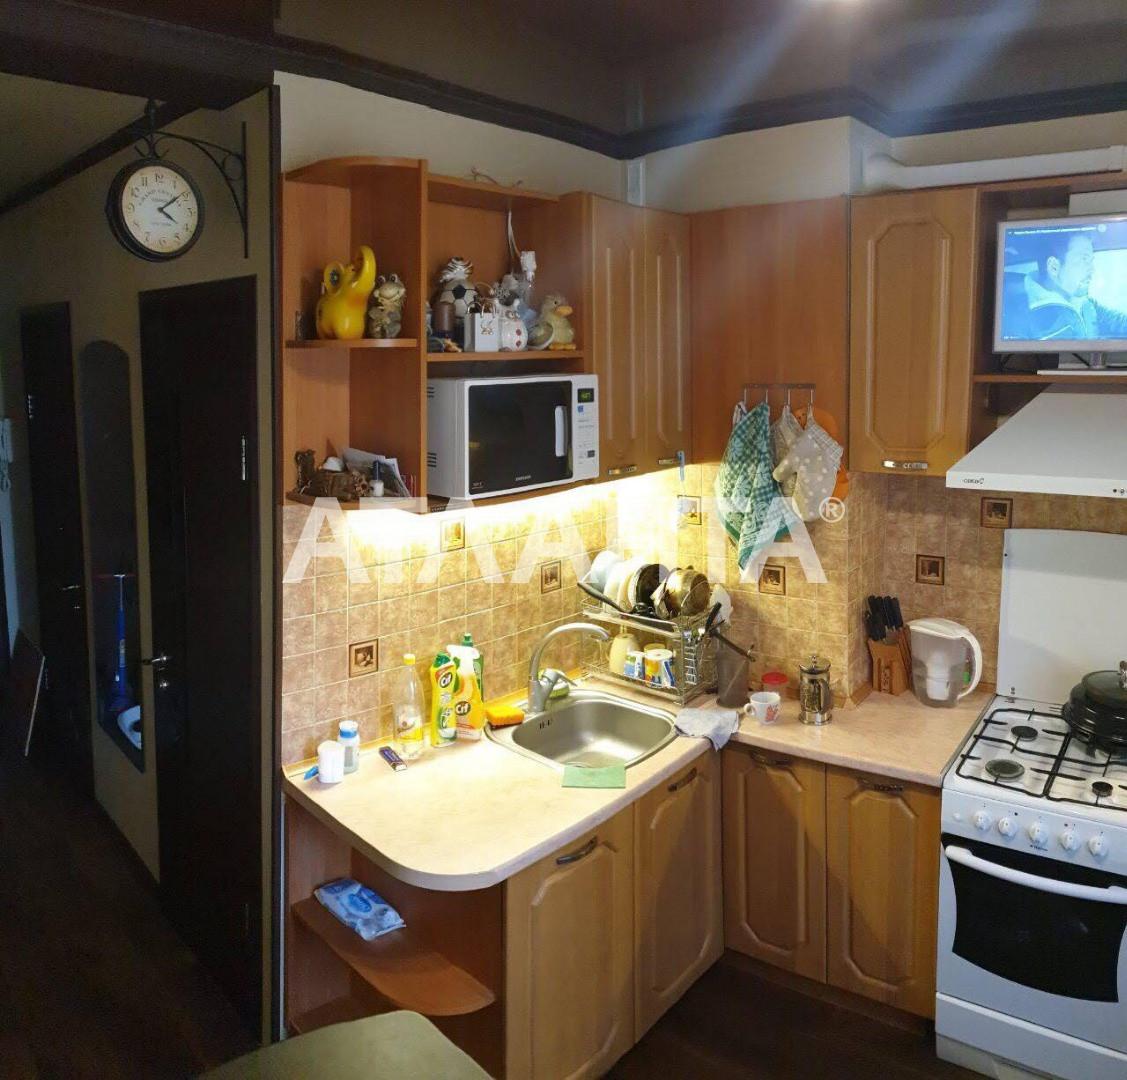 Продается 1-комнатная Квартира на ул. Королева Ак. — 33 000 у.е. (фото №4)